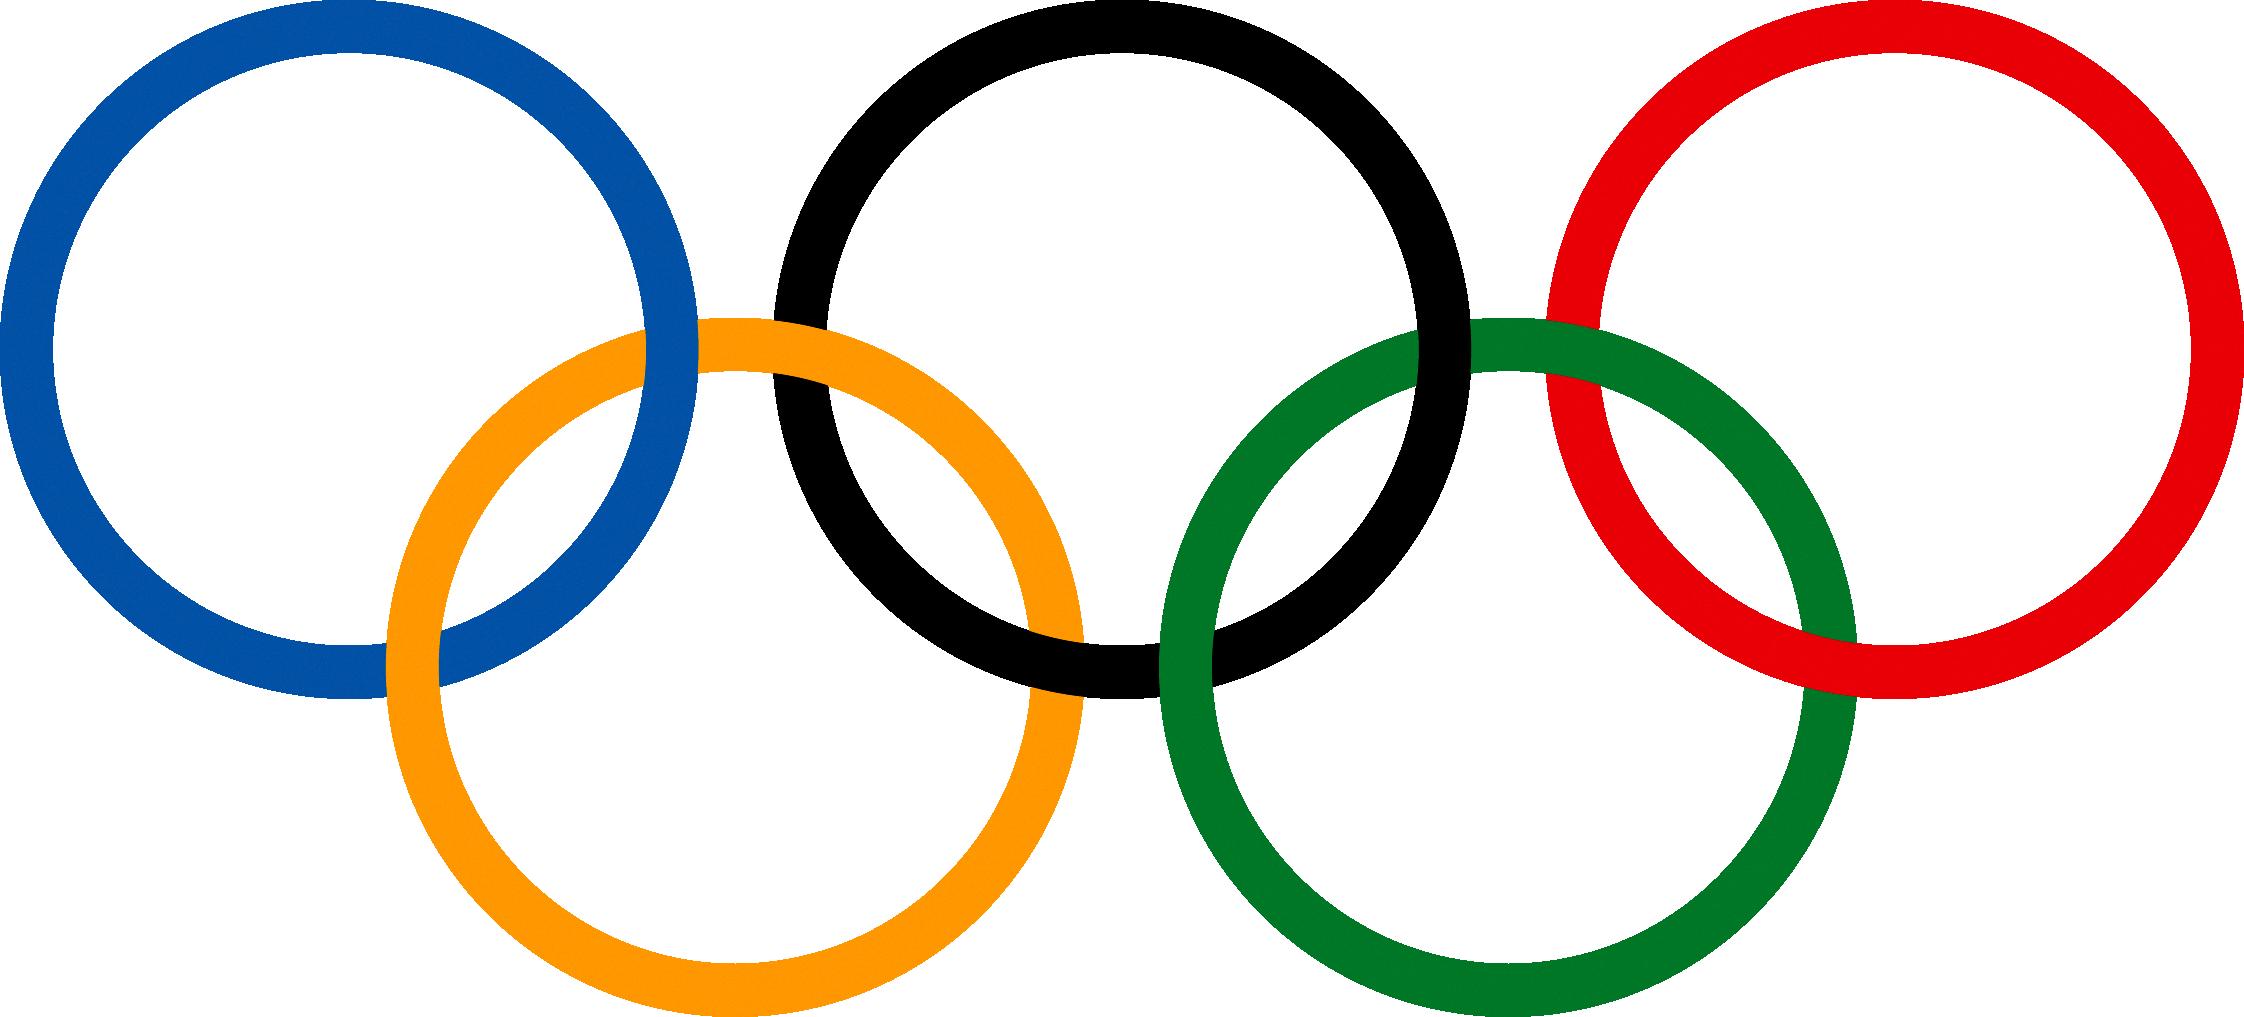 Olympics clipart olympic logo, Olympics olympic logo ...